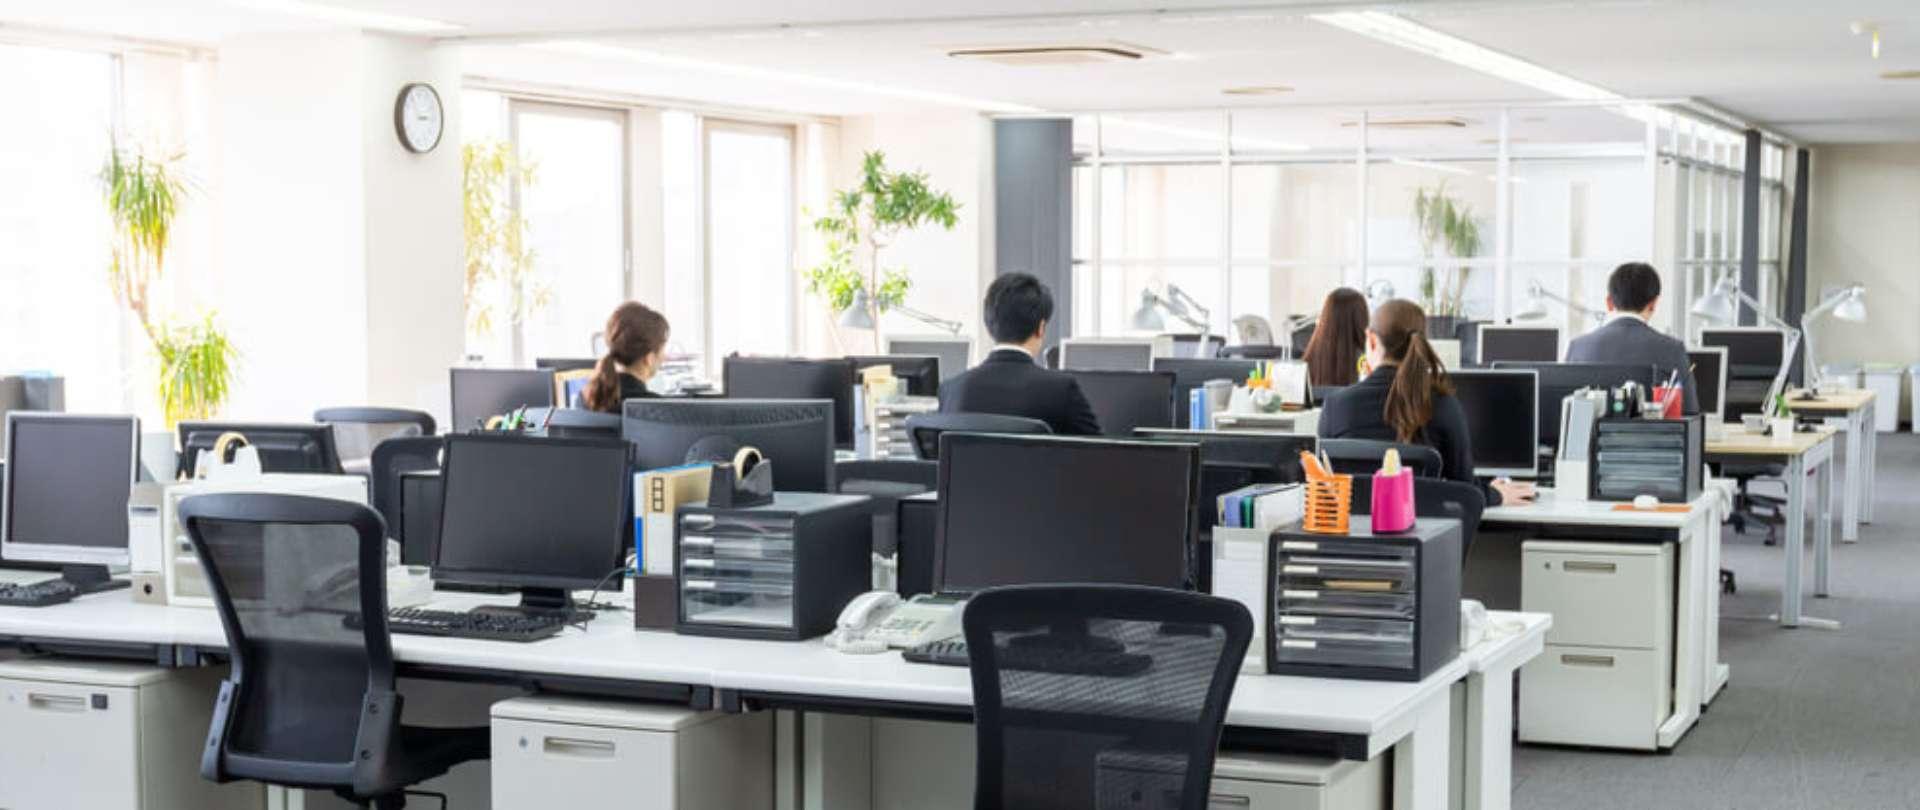 Absenteísmo: Seus colaboradores estão se ausentando muito? Cuidado!